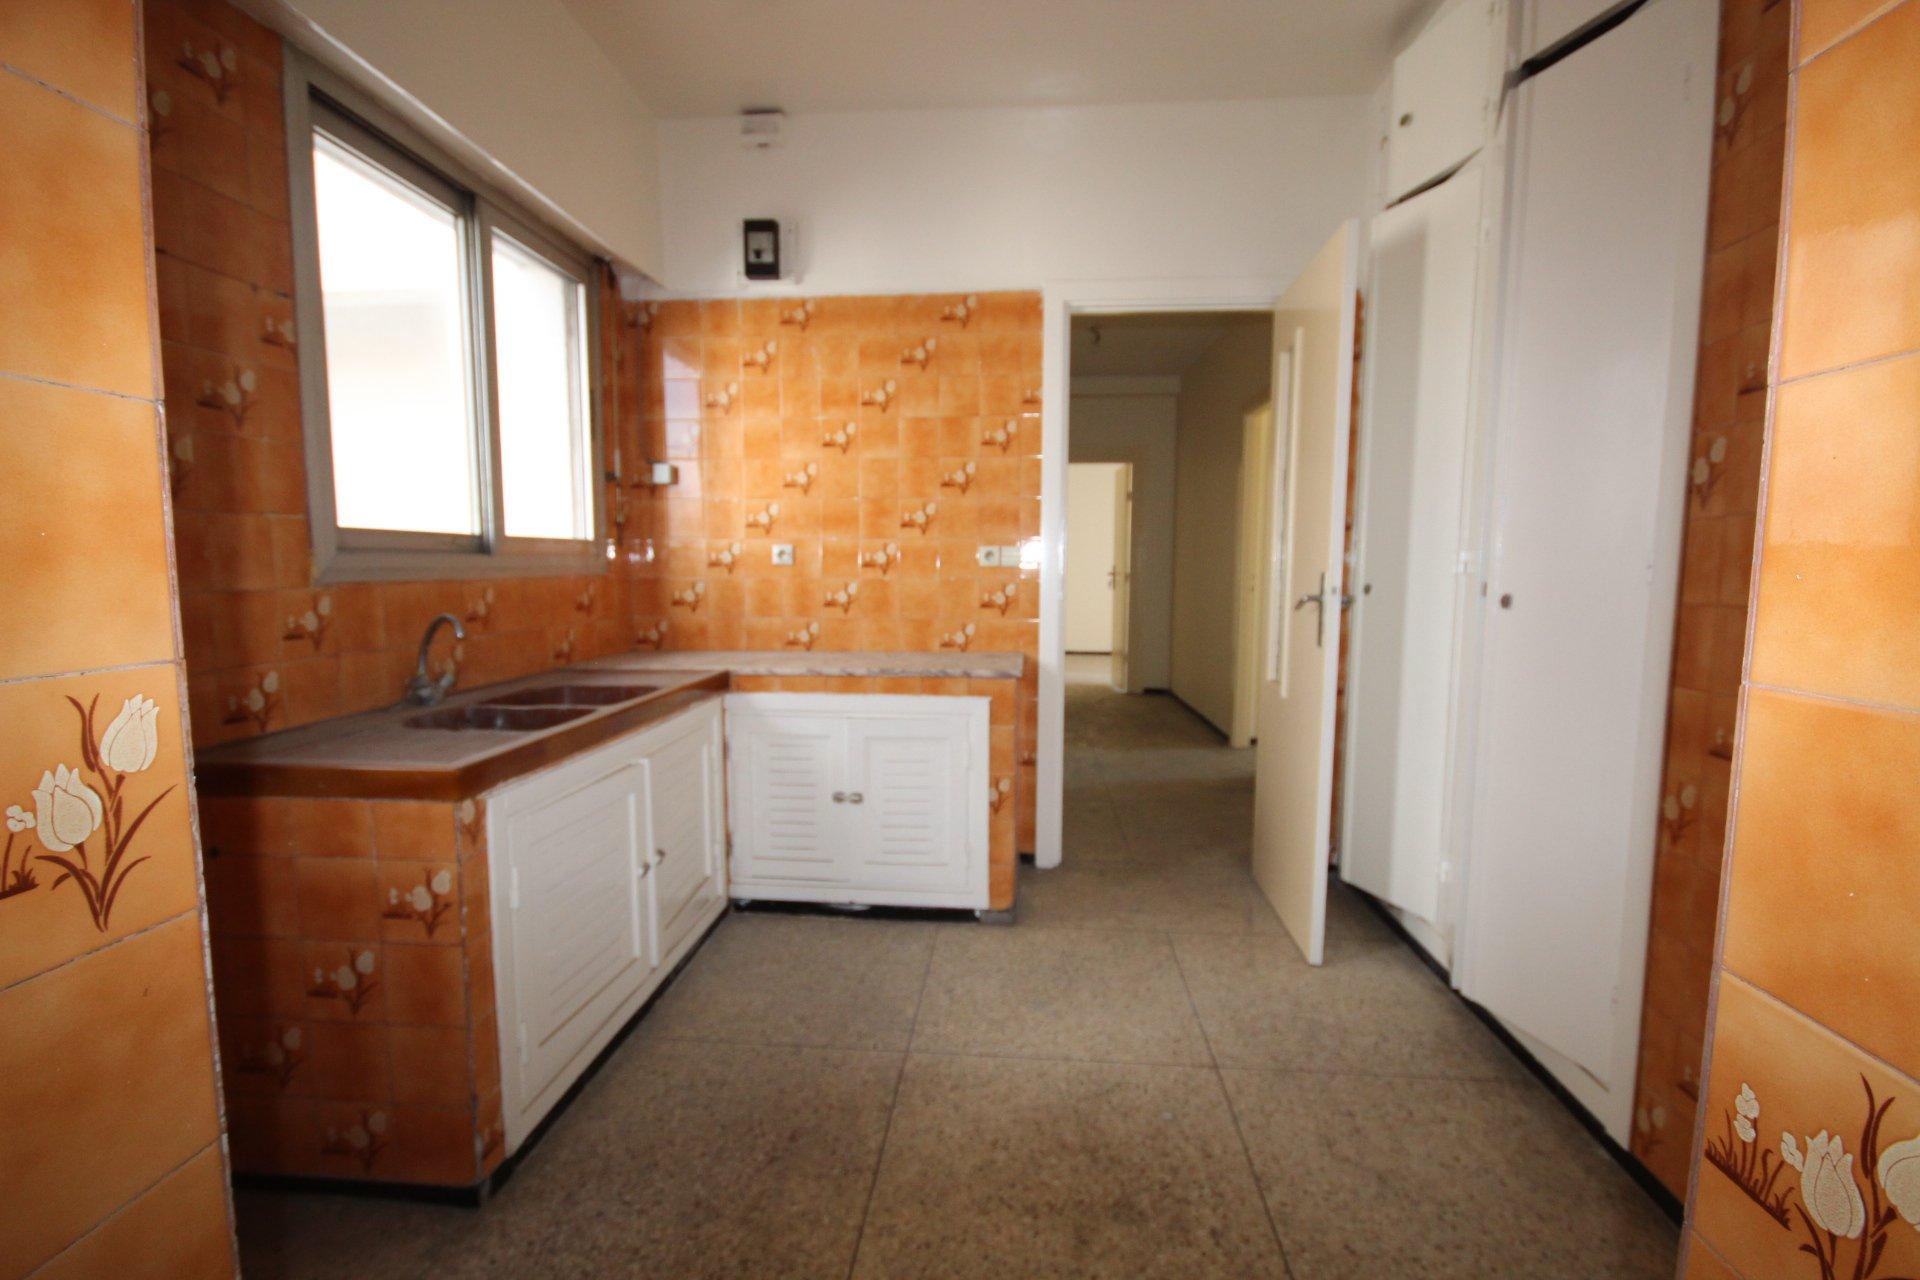 Maroc, Casablanca, Palmier, location Bureau de 120 m² confortable et pratique proche CGEM